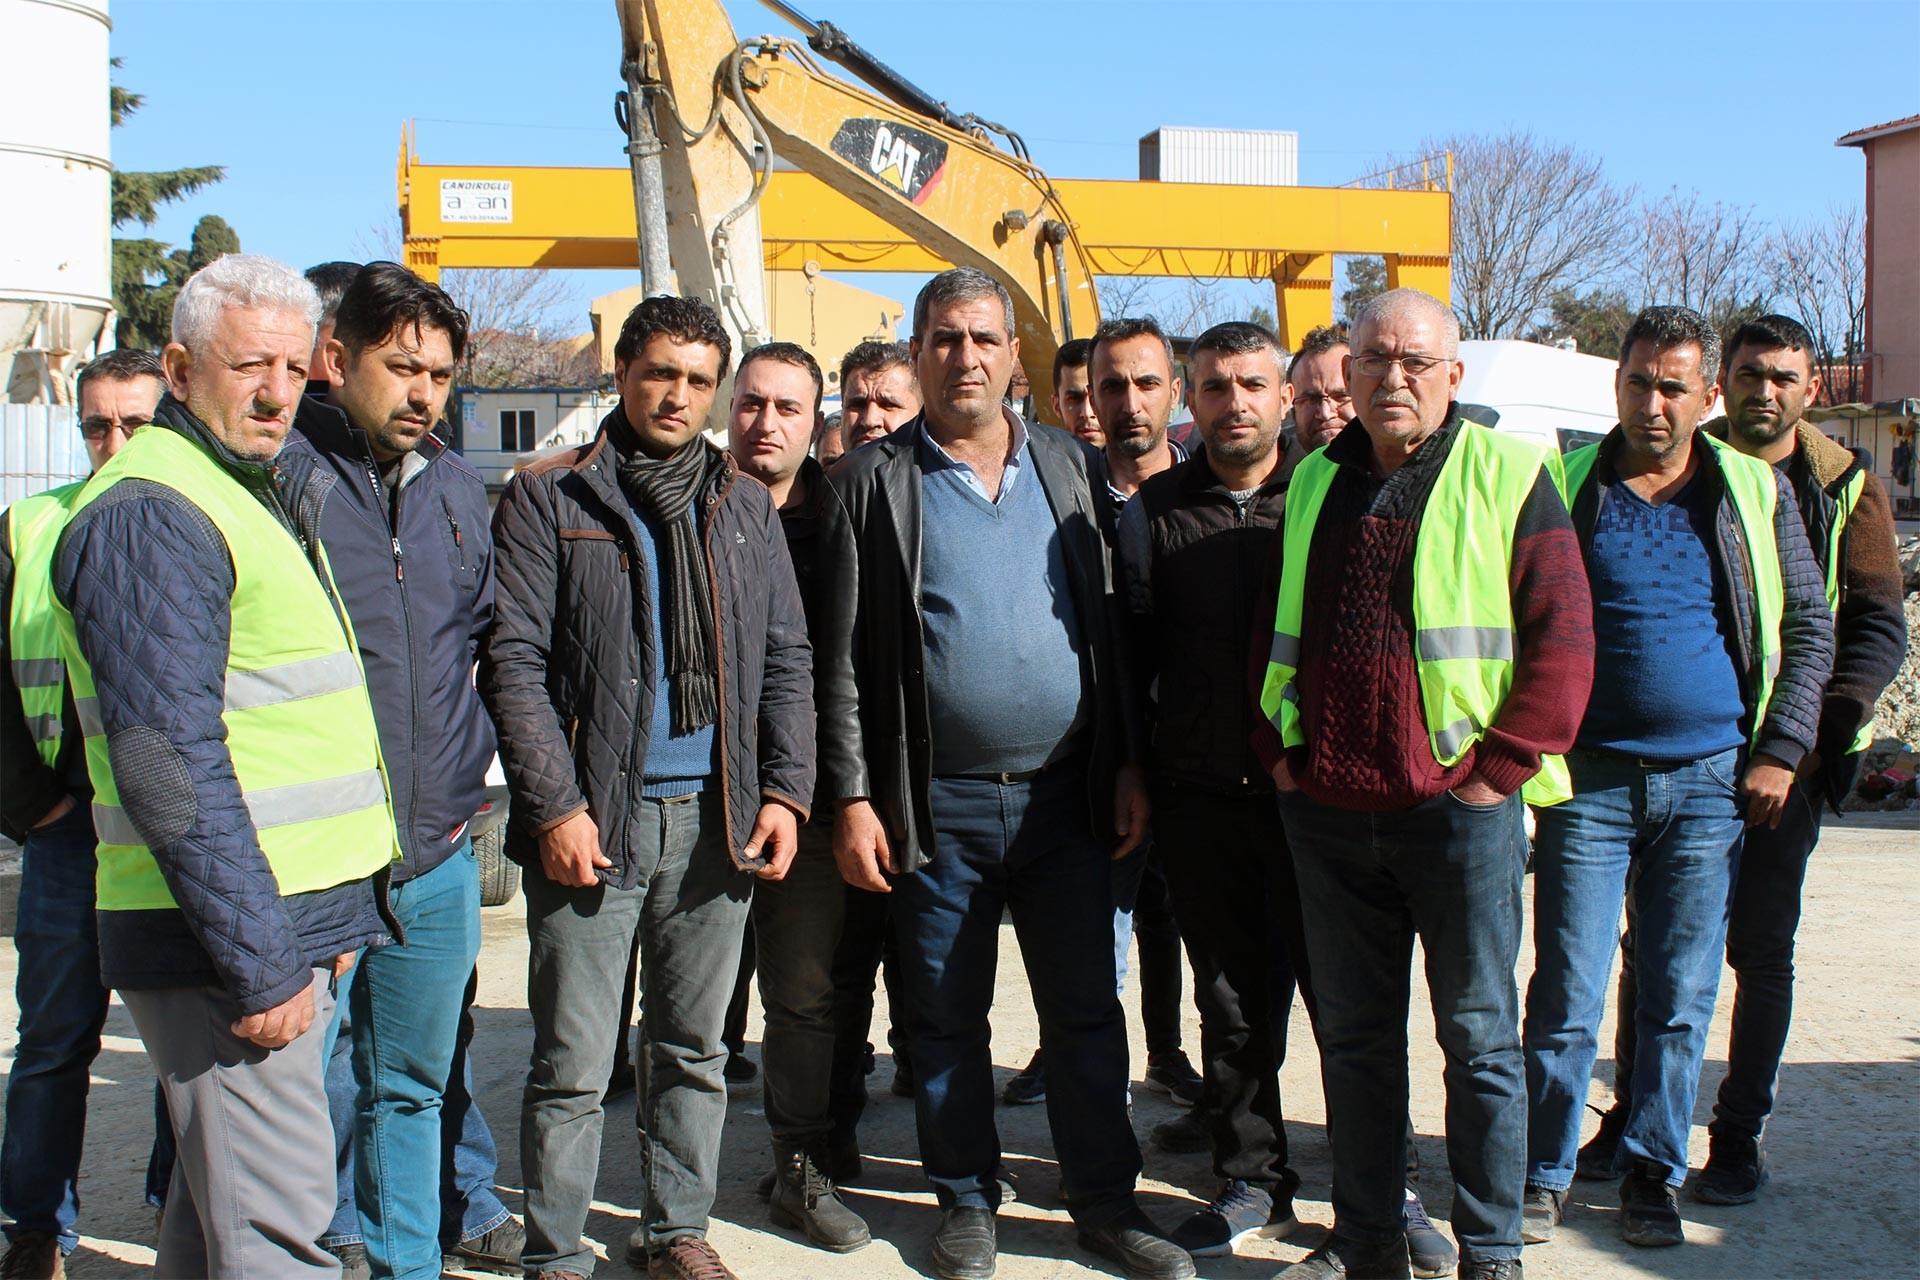 Metro inşaatında greve çıkan inşaat işçileri